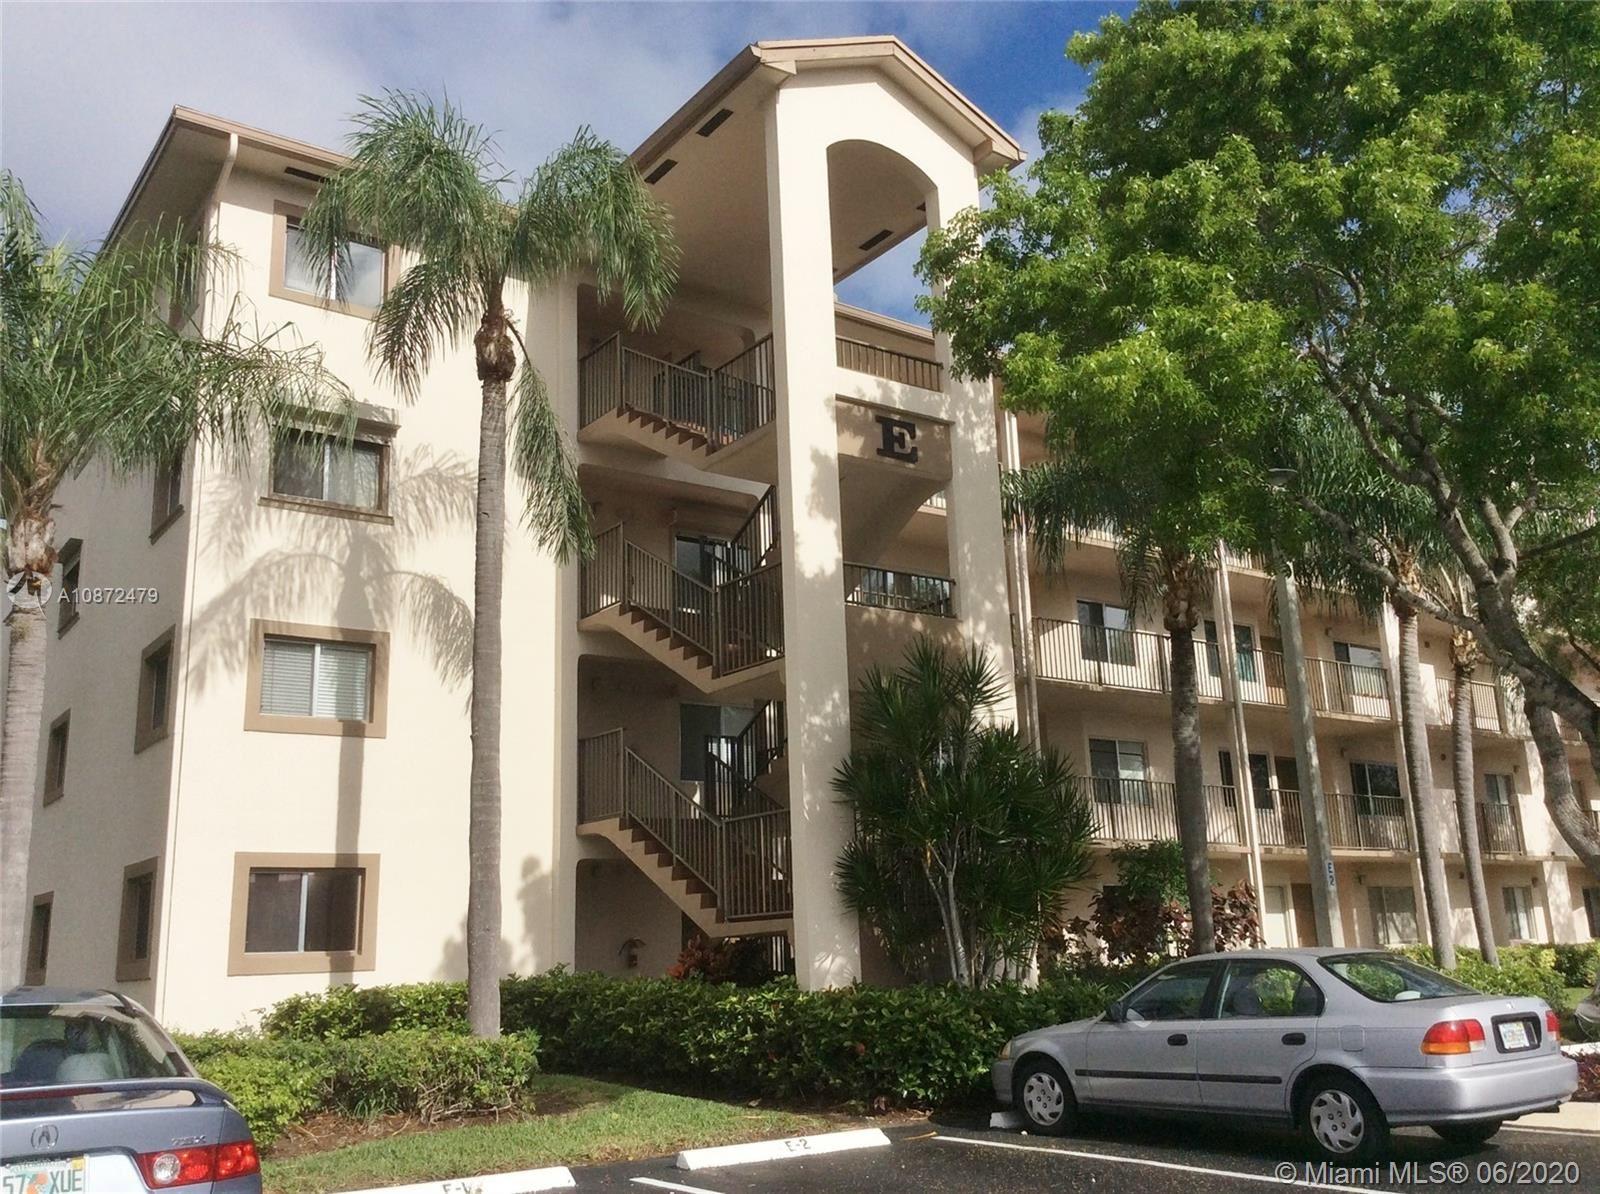 1200 SW 137th Ave #301E, Pembroke Pines, FL 33027 - #: A10872479